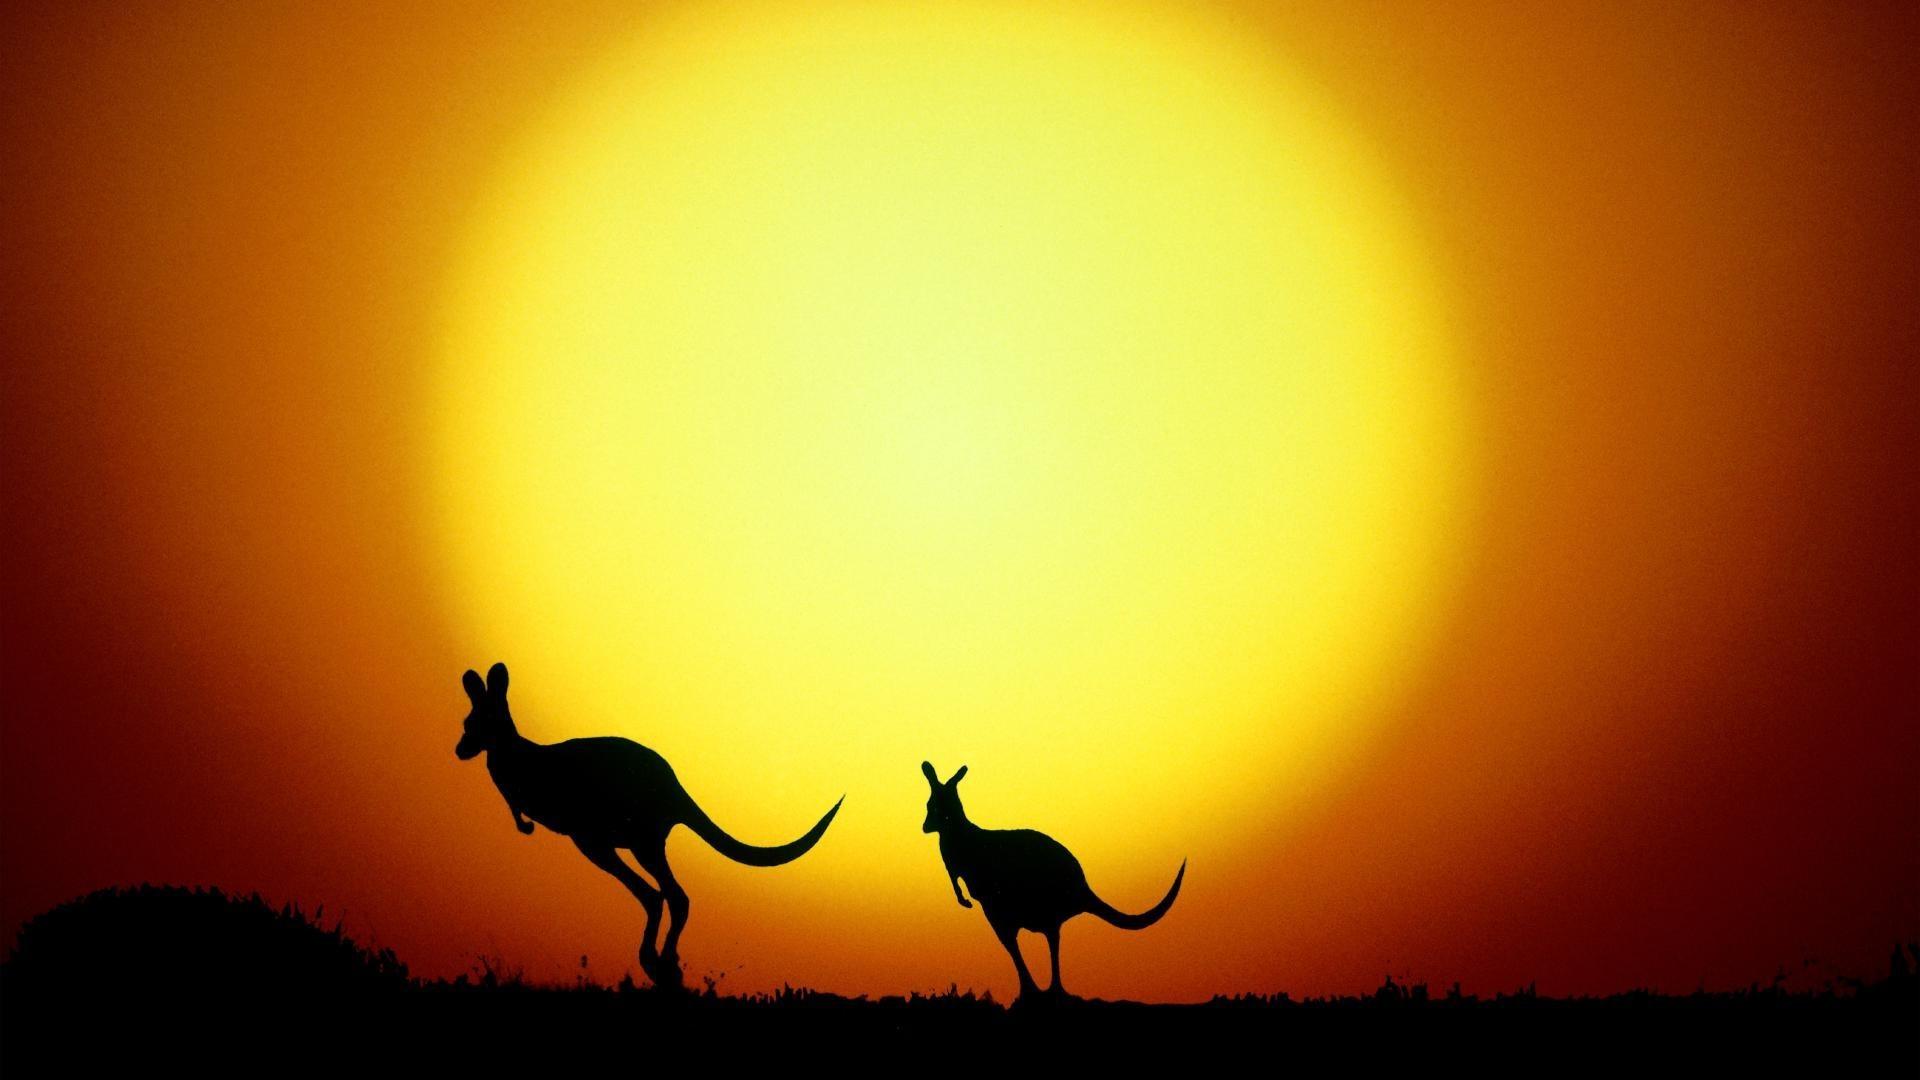 Kangaroo Wallpaper For Laptop